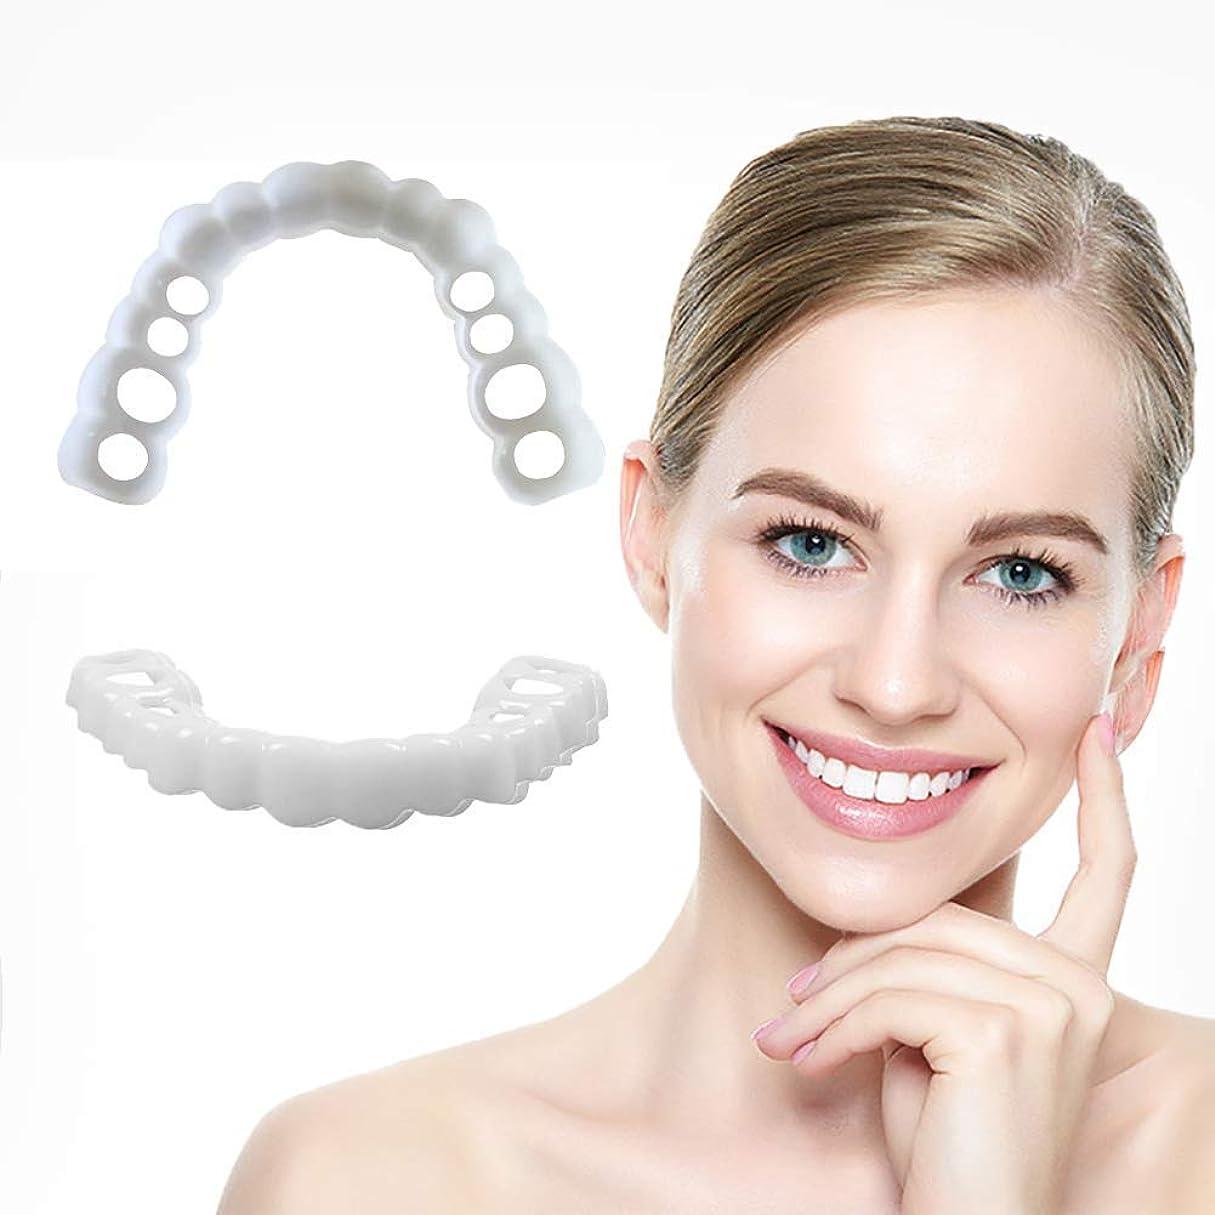 悲劇的なリビングルーム改修するセットの第二世代のシリコーンのシミュレーションの歯科用義歯を白くする上下の歯の模擬装具,3pcs,Upperteeth